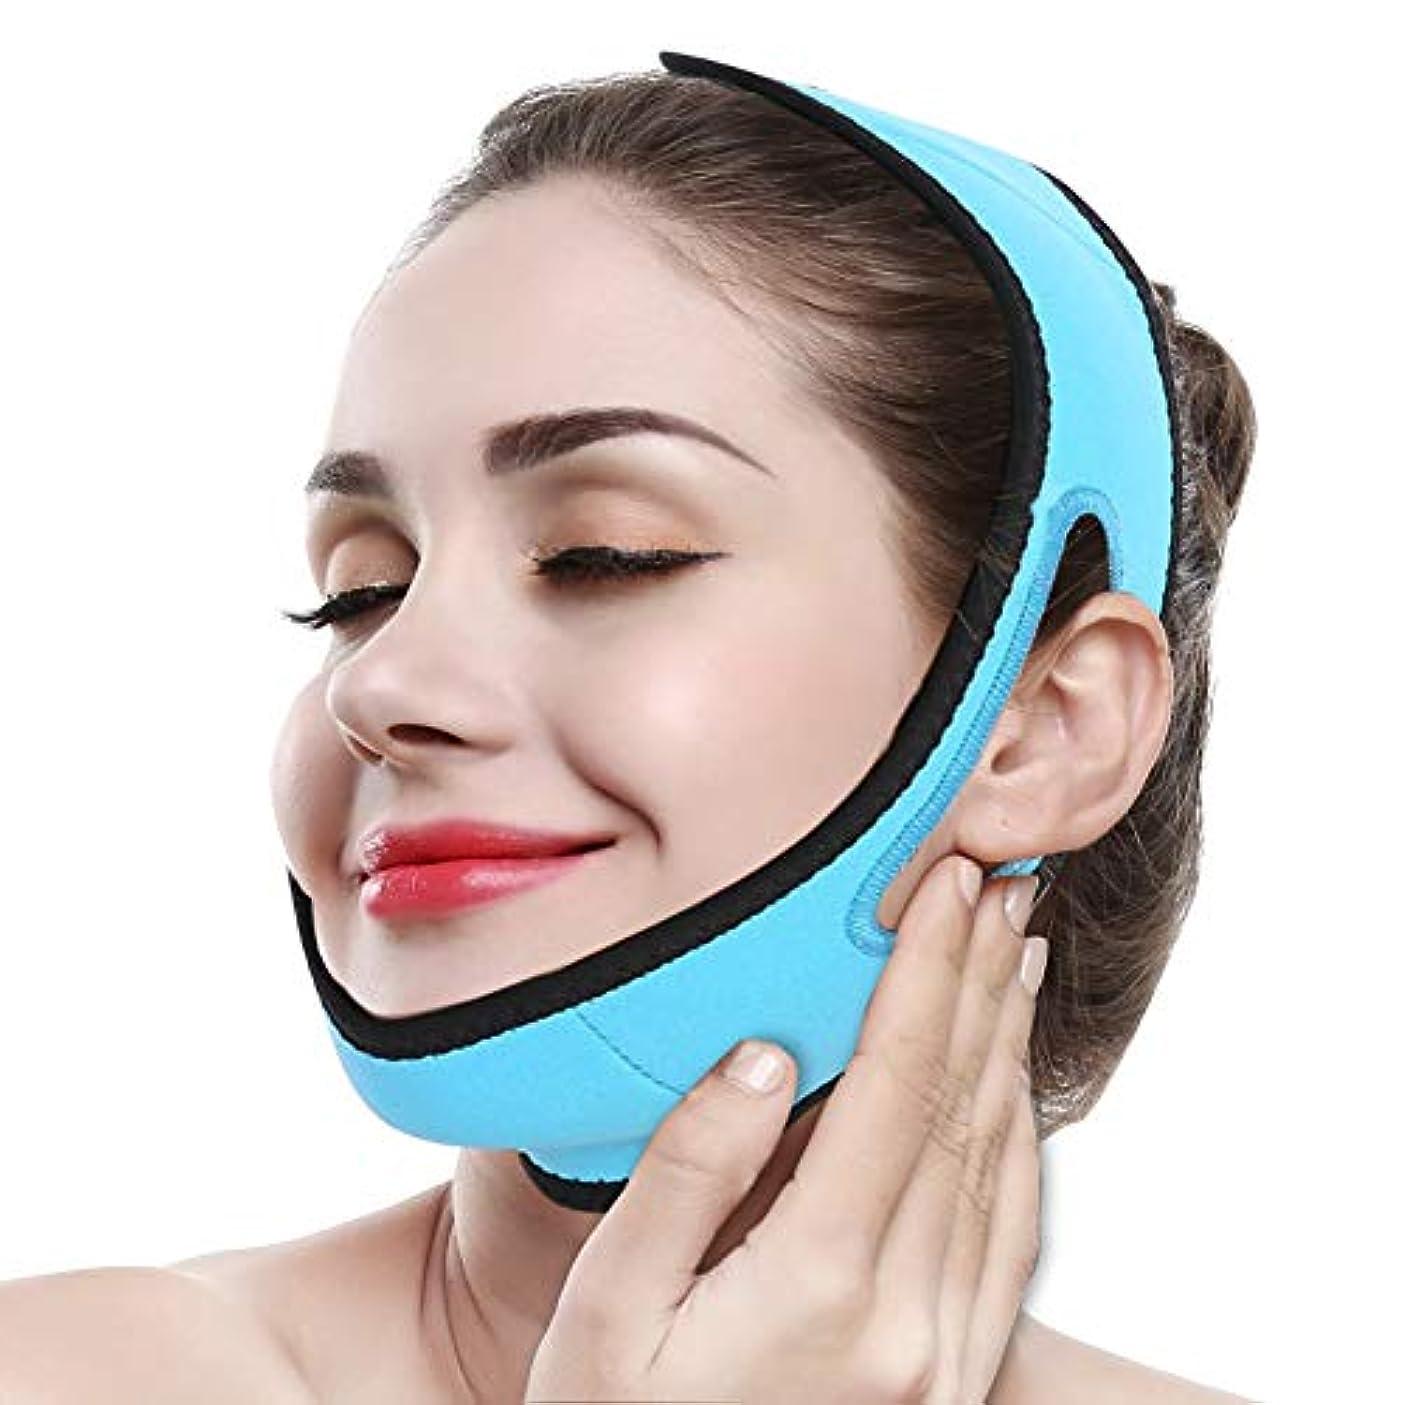 マッサージシリコーンのパッド、Vラインベルトの顔のマスクが付いている包帯の引き締めの顔を痩身Semmeの表面持ち上がること